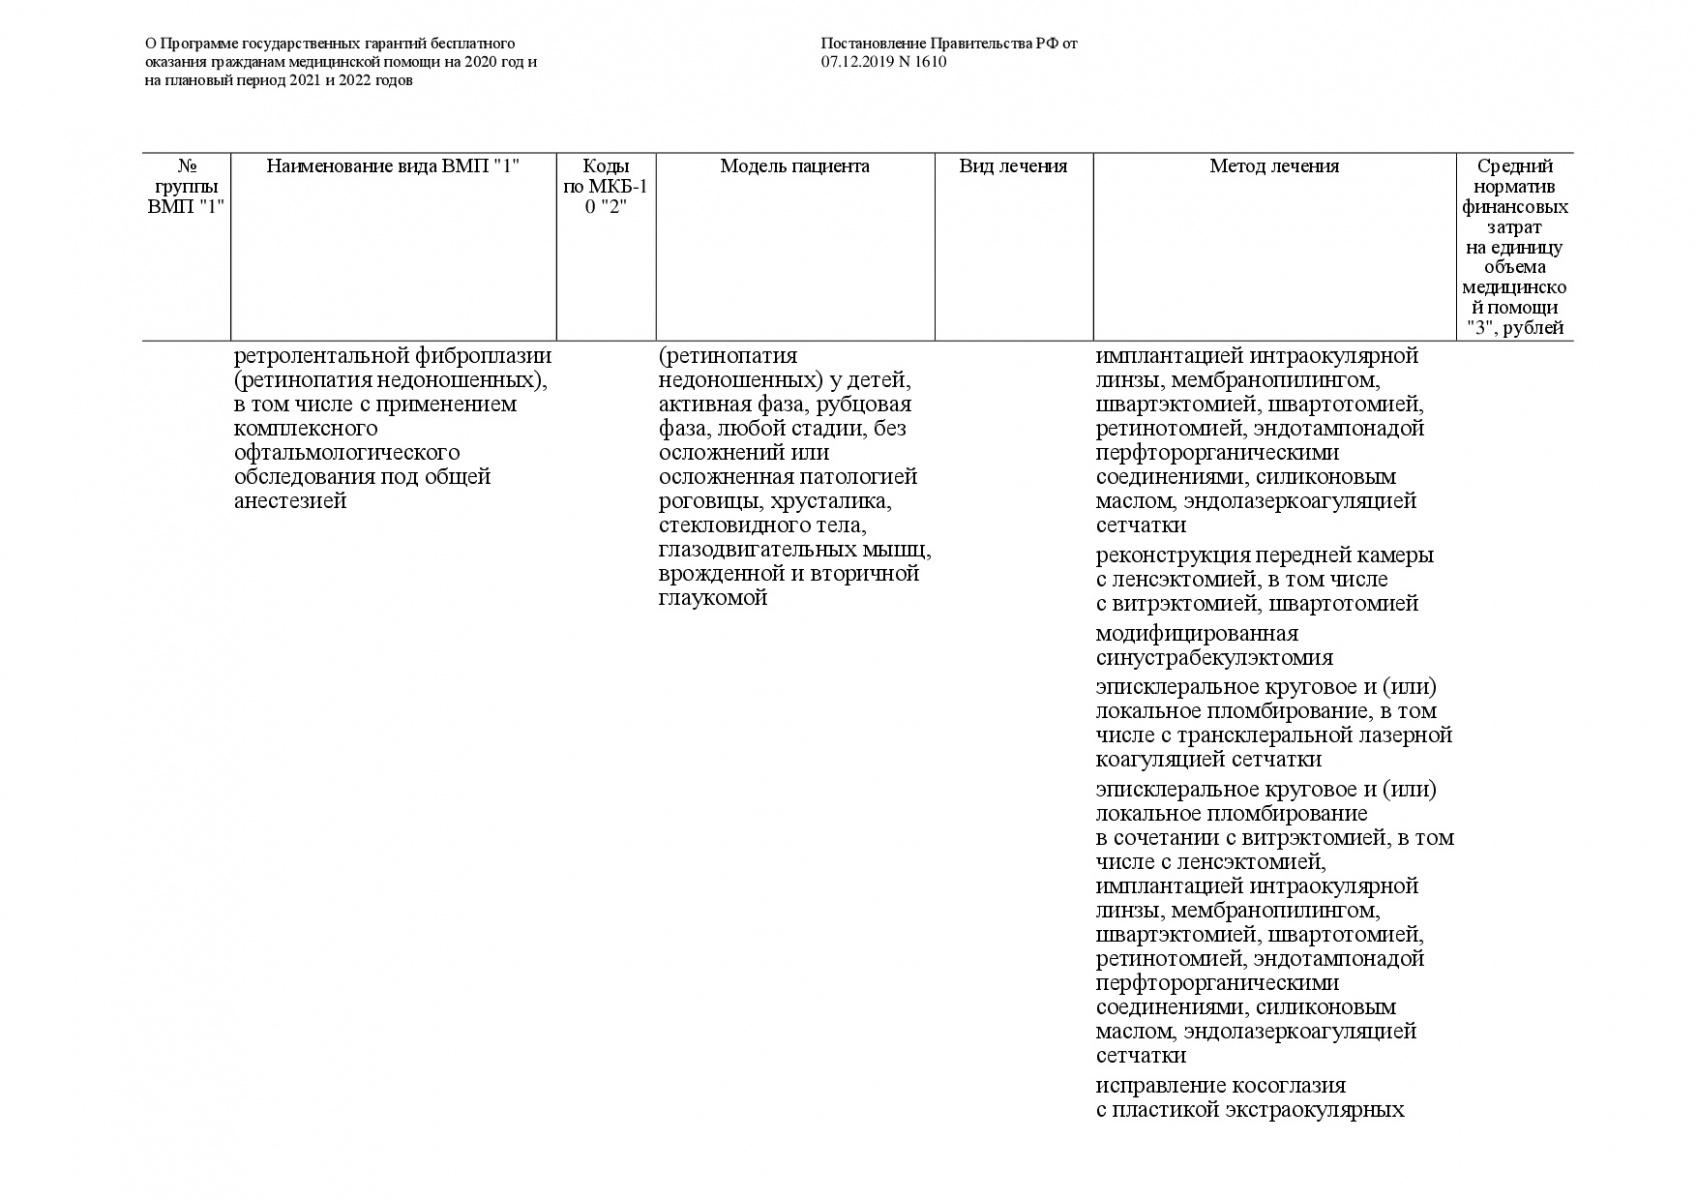 Postanovlenie-Pravitelstva-RF-ot-07_12_2019-1610-O-PGG-233